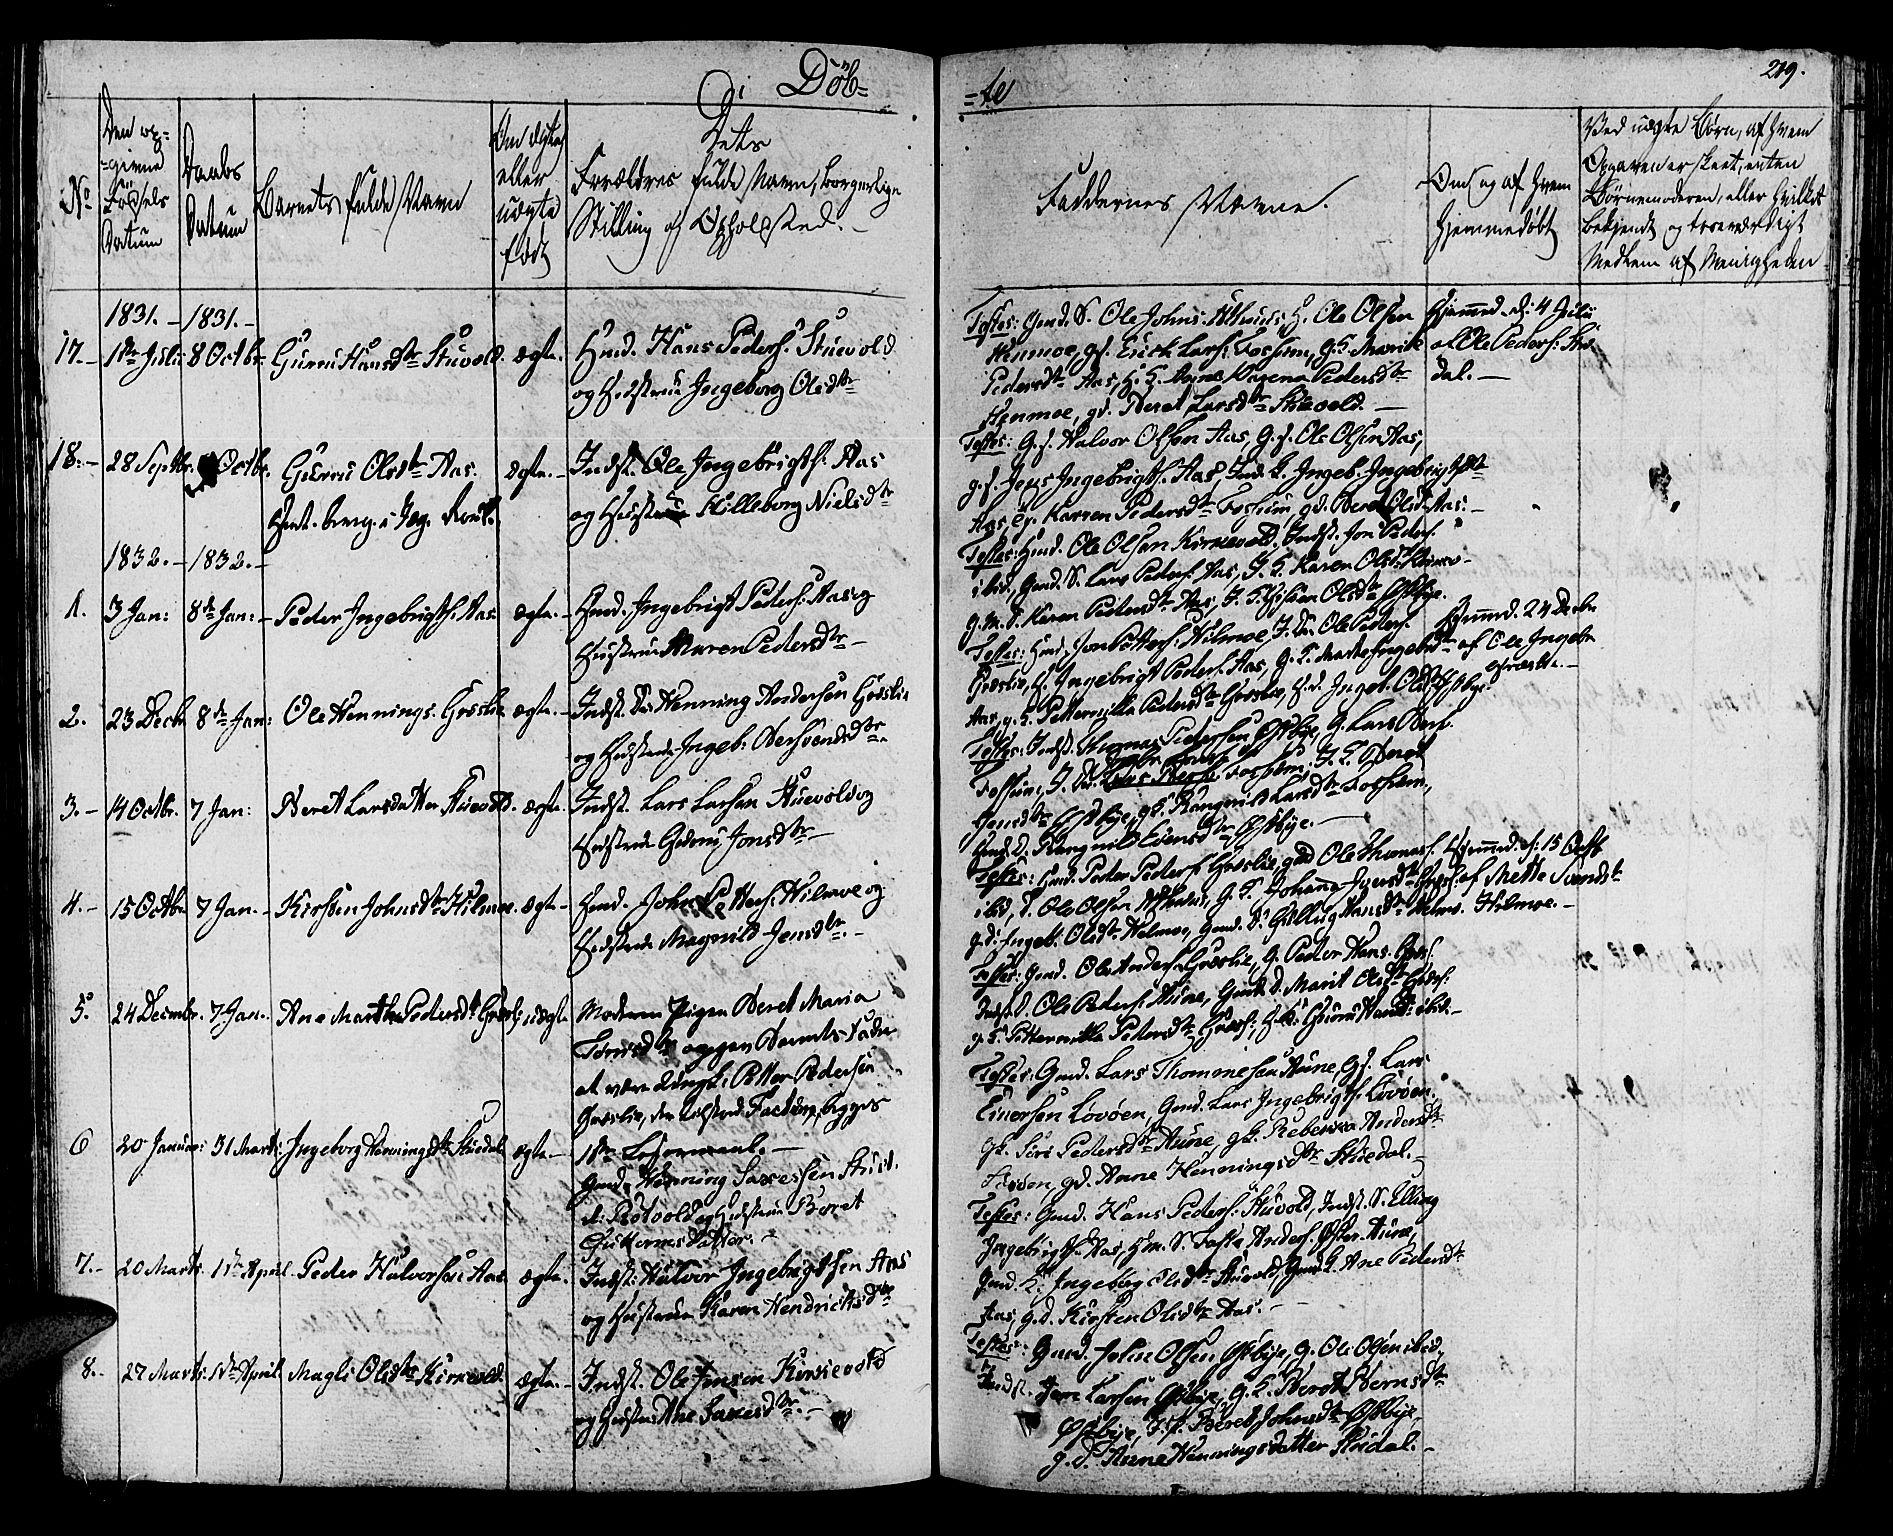 SAT, Ministerialprotokoller, klokkerbøker og fødselsregistre - Sør-Trøndelag, 695/L1144: Ministerialbok nr. 695A05 /2, 1824-1842, s. 219